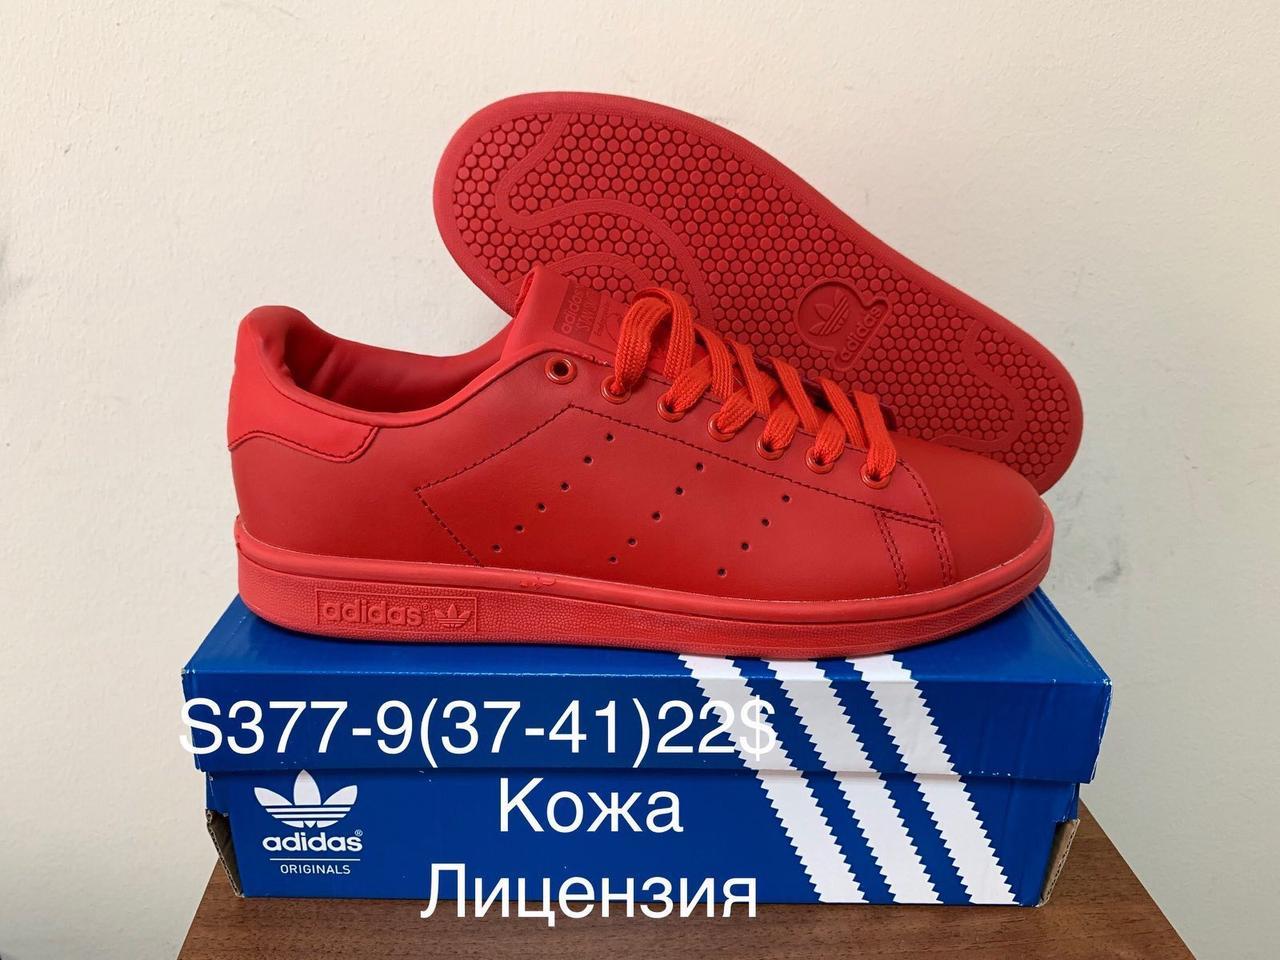 Подростковые кроссовки Adidas Stan Smith оптом (37-41)